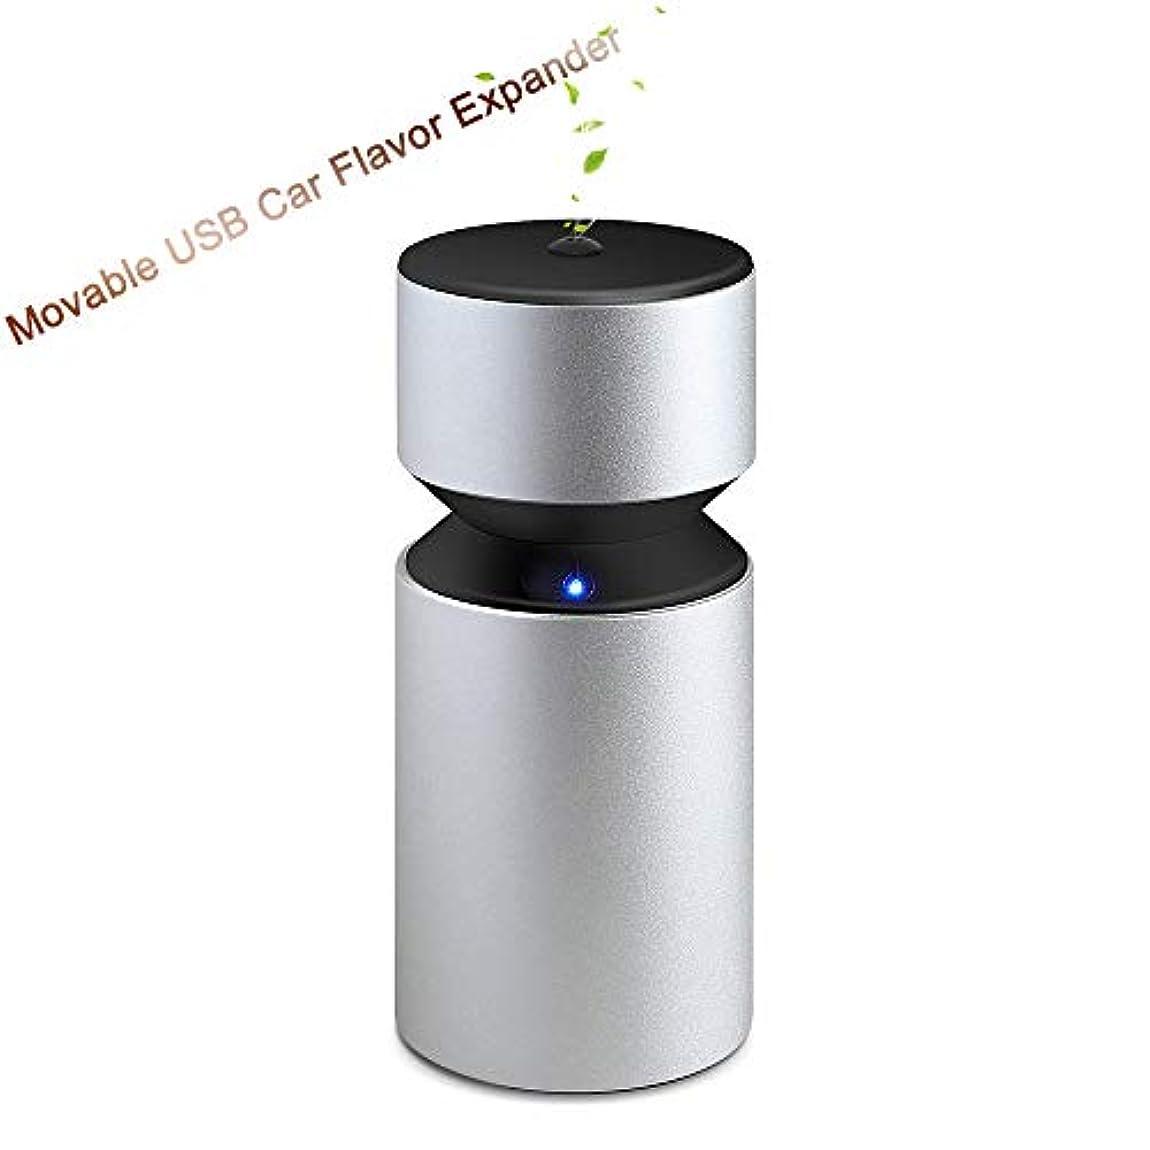 宣教師マイナスブルジョン車のアロマセラピーマシン、USB充電車のアロマセラピーマシン、ミニ3.0 USB充電式アロマセラピーアロマ用充電式ネブライザー